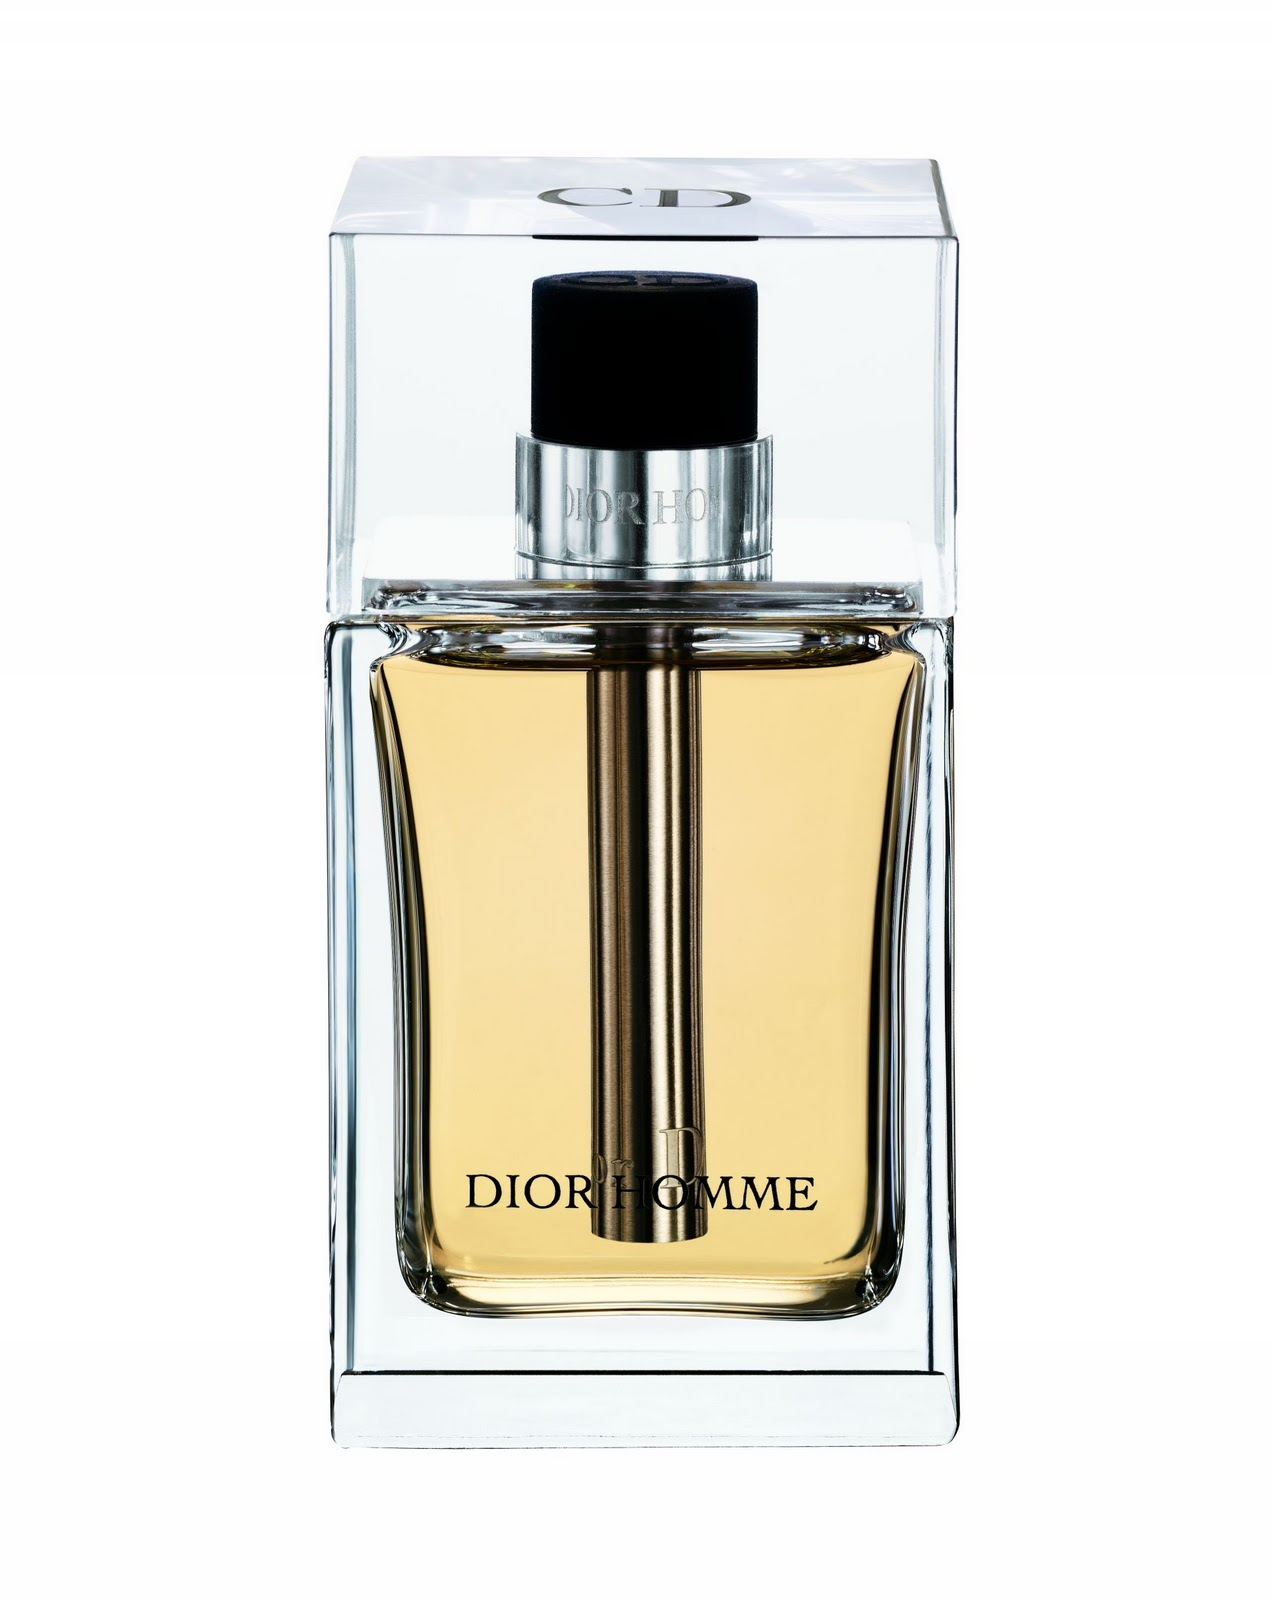 dior-homme-fragrance-shot1-1.jpg